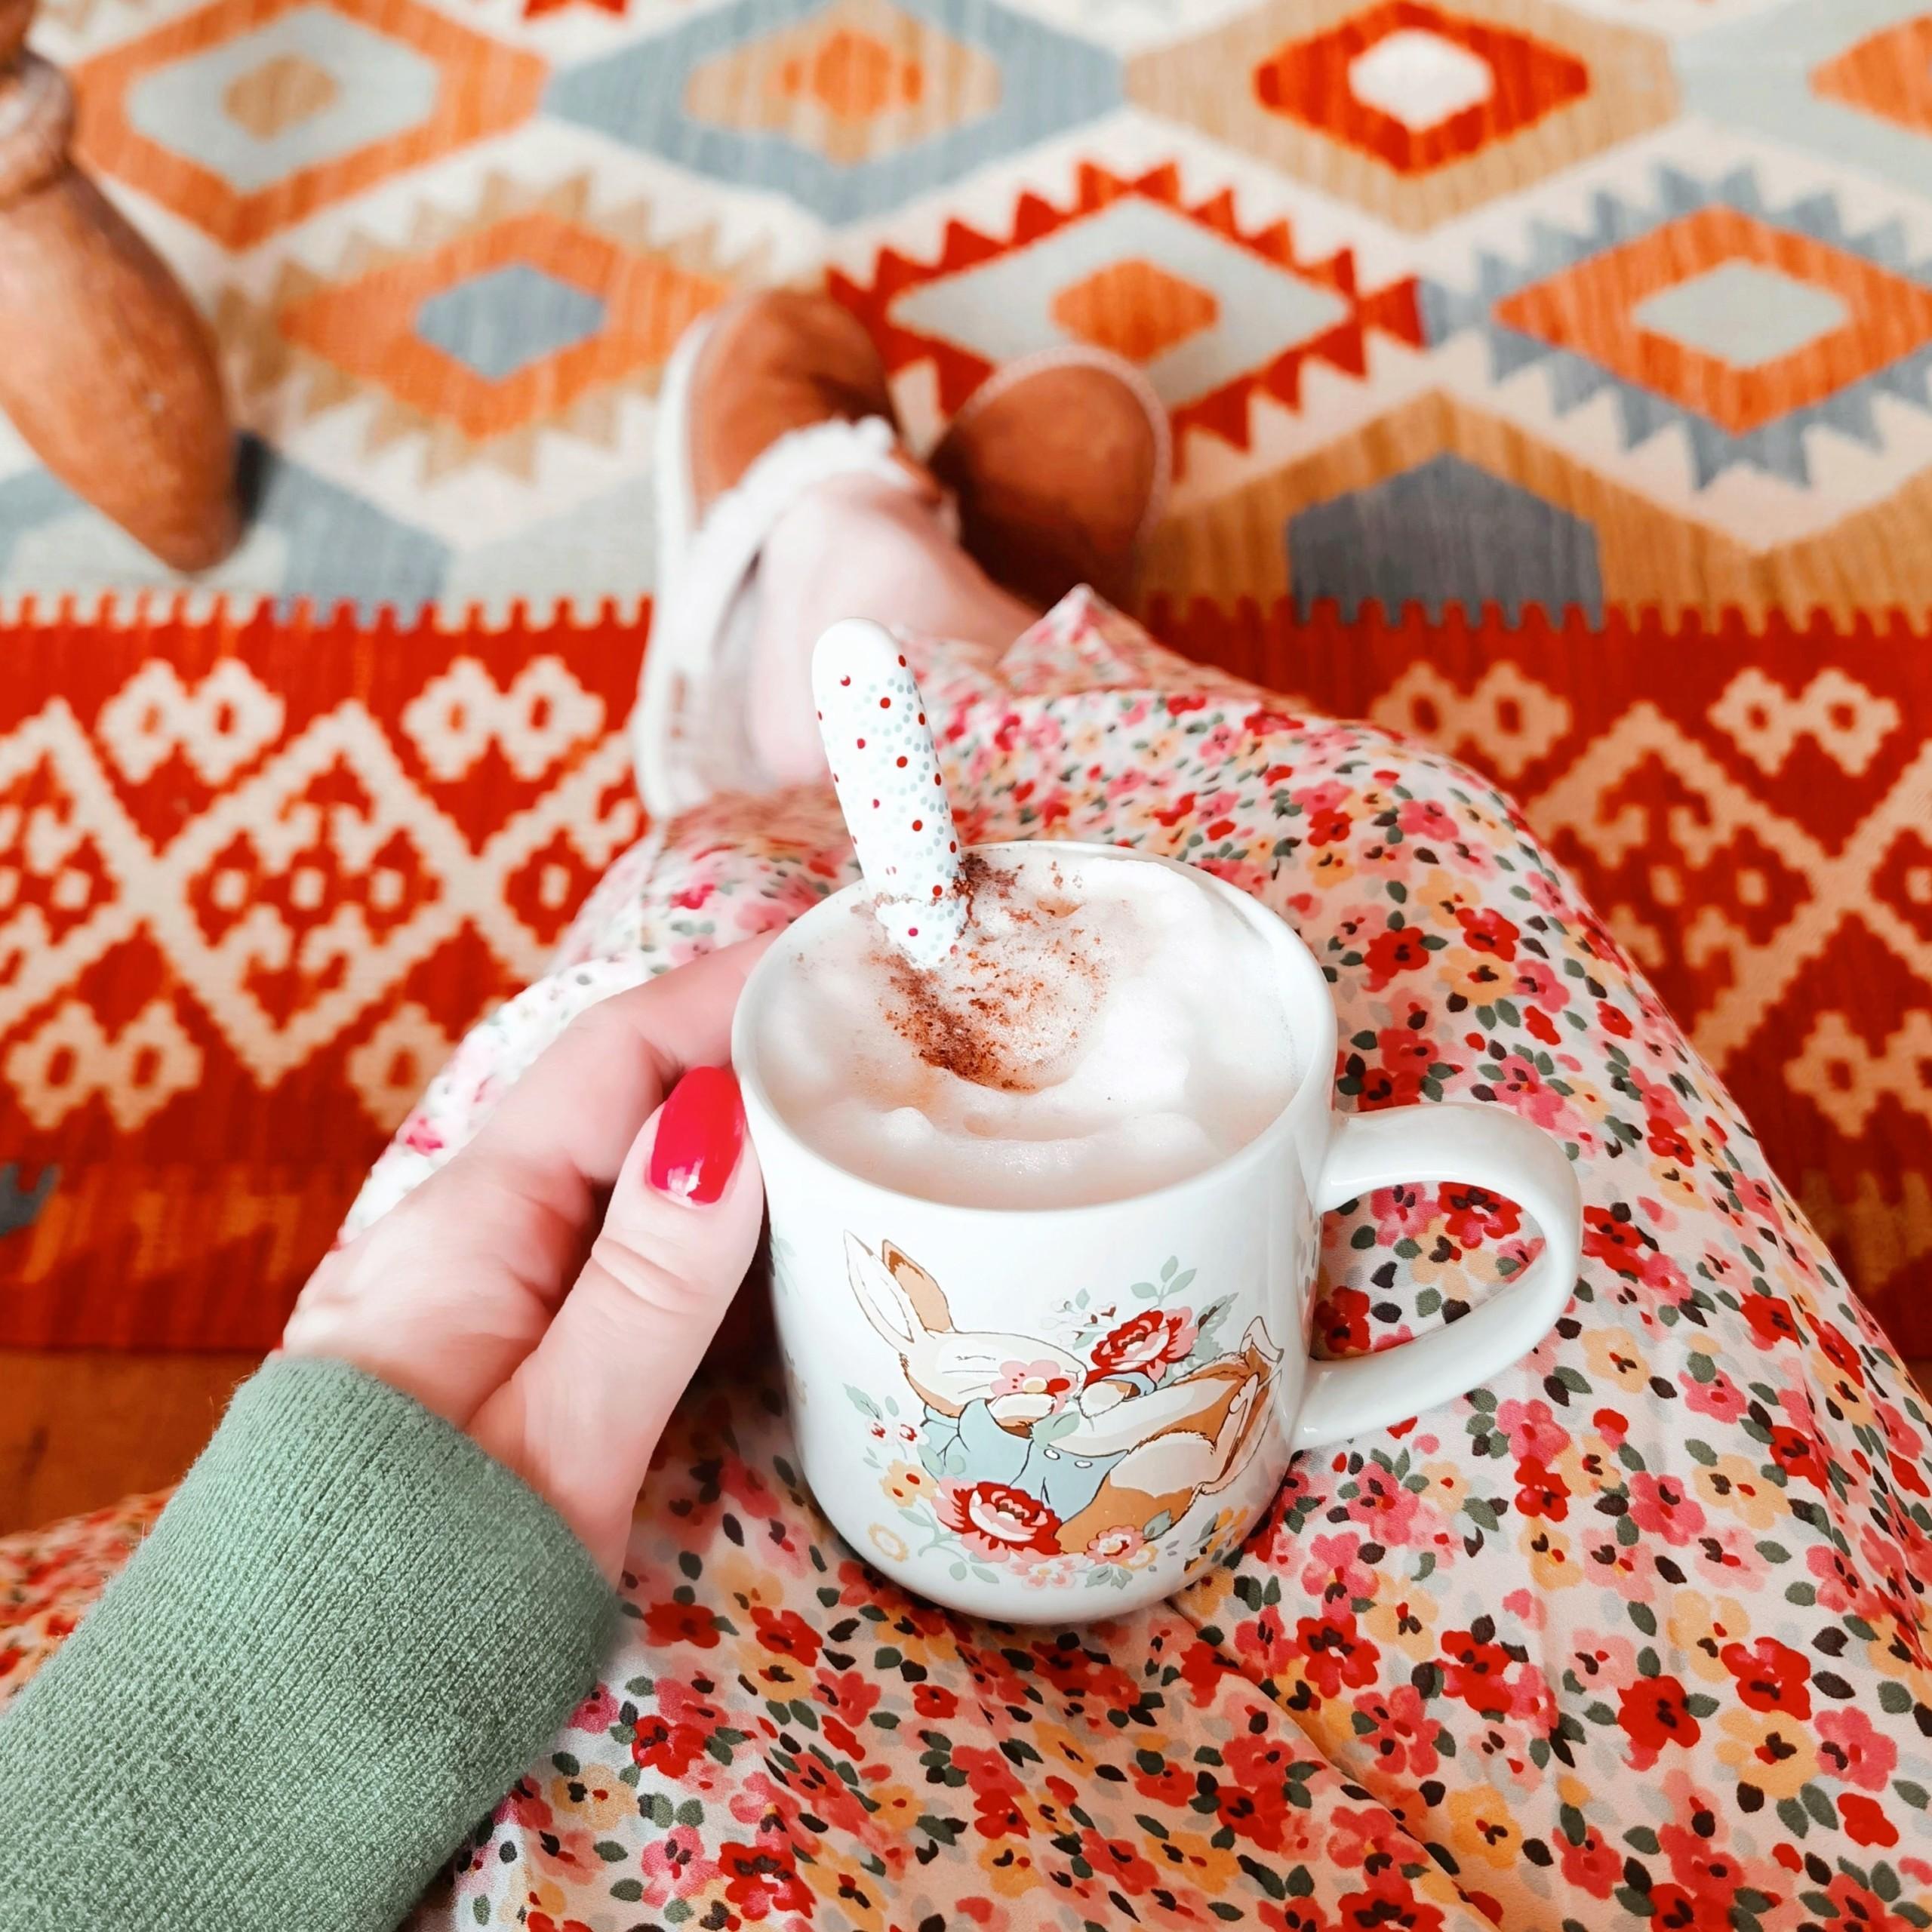 cathkidston peterrabbit kahvi, coffee